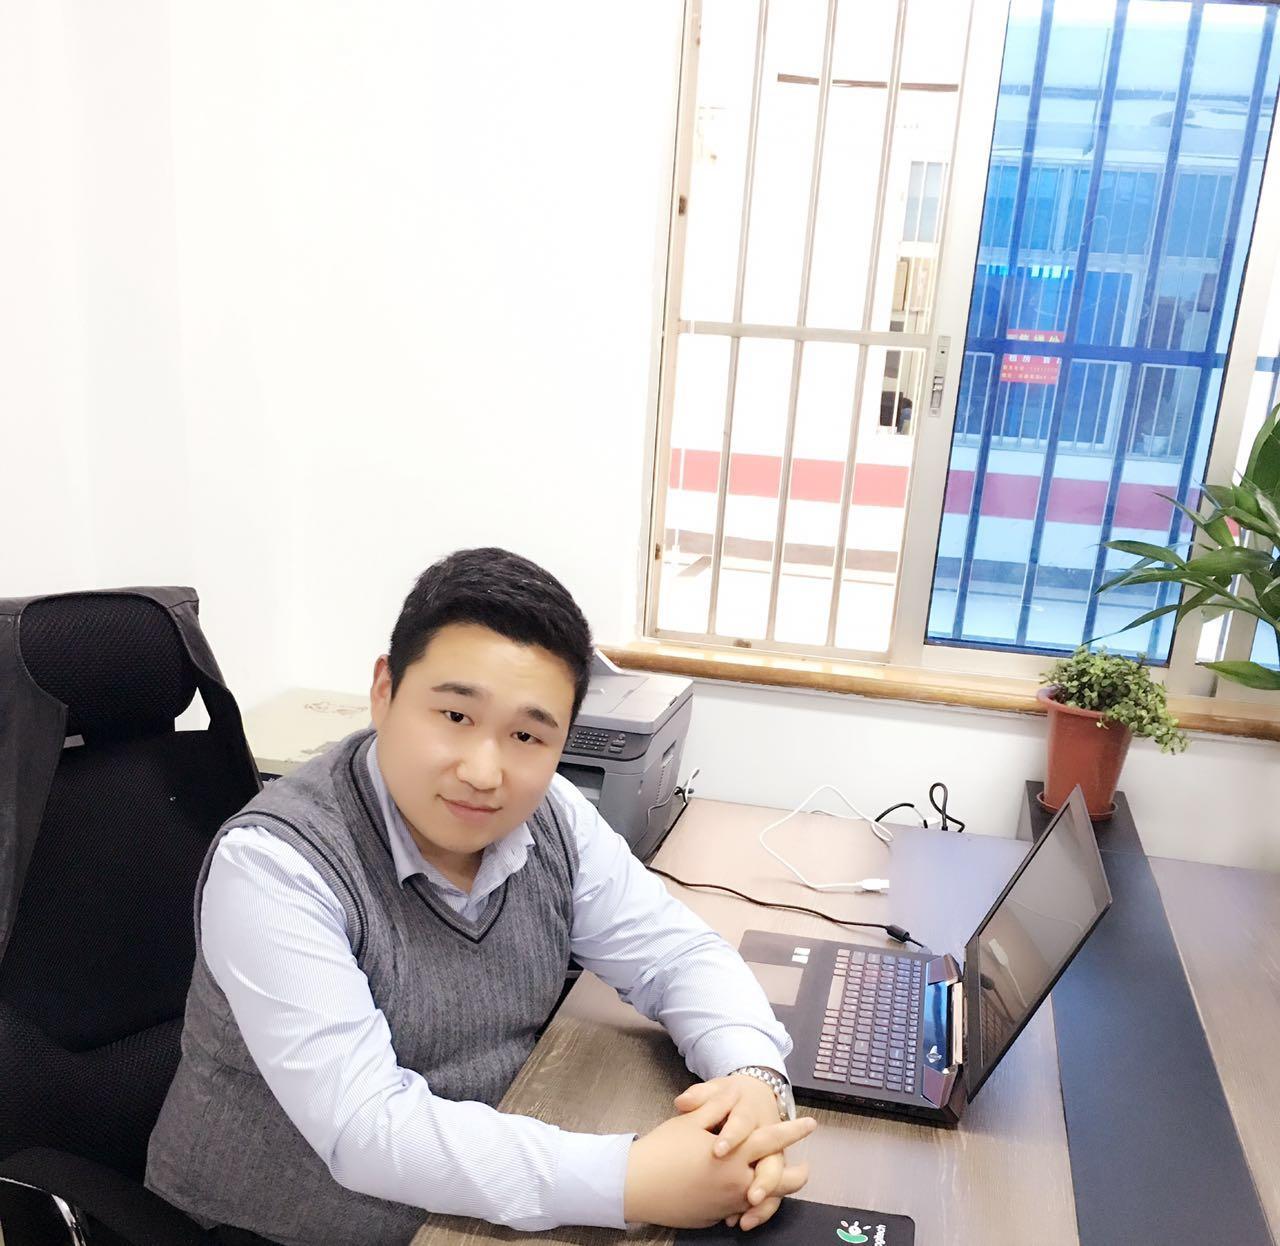 亚虎游戏官网白迪